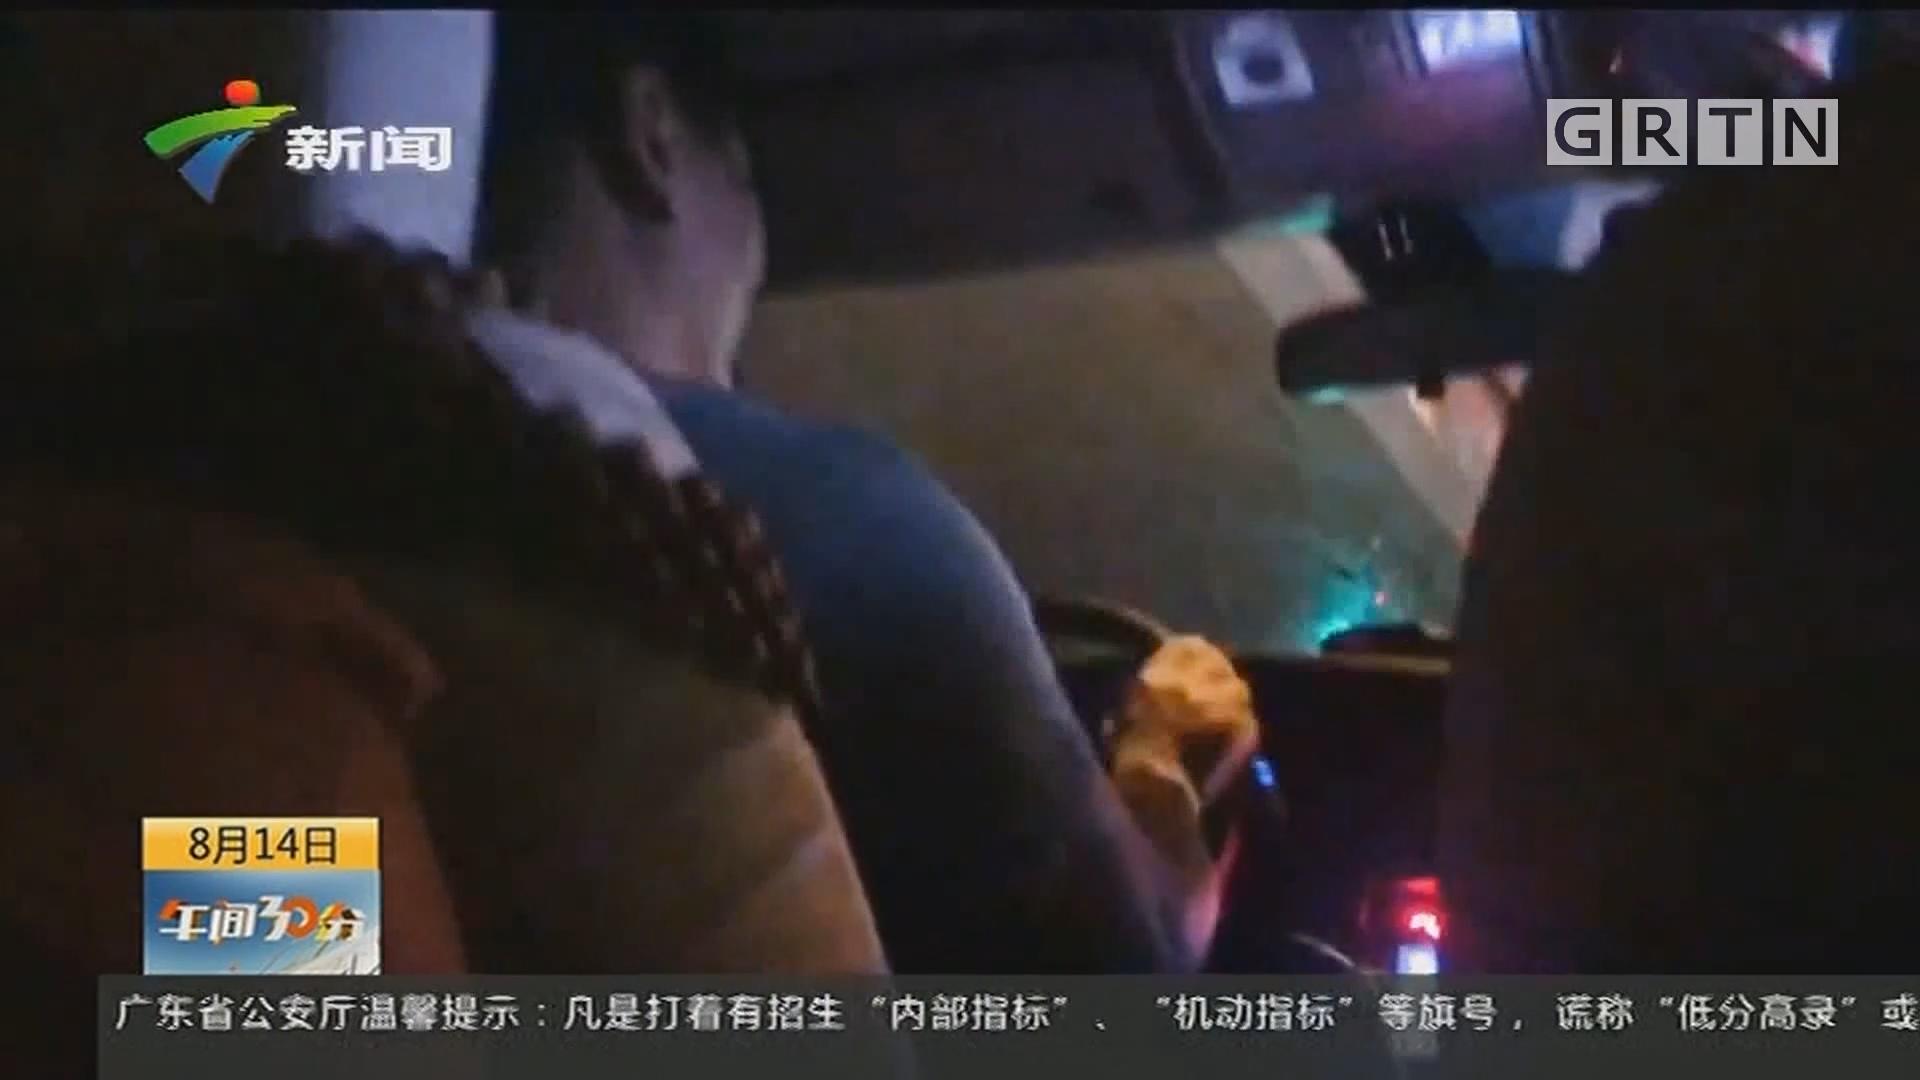 """广州出租车乱象调查:开车打电话 司机驾驶不安全 回顾:广州出租车拒载议价称""""举报没用"""""""